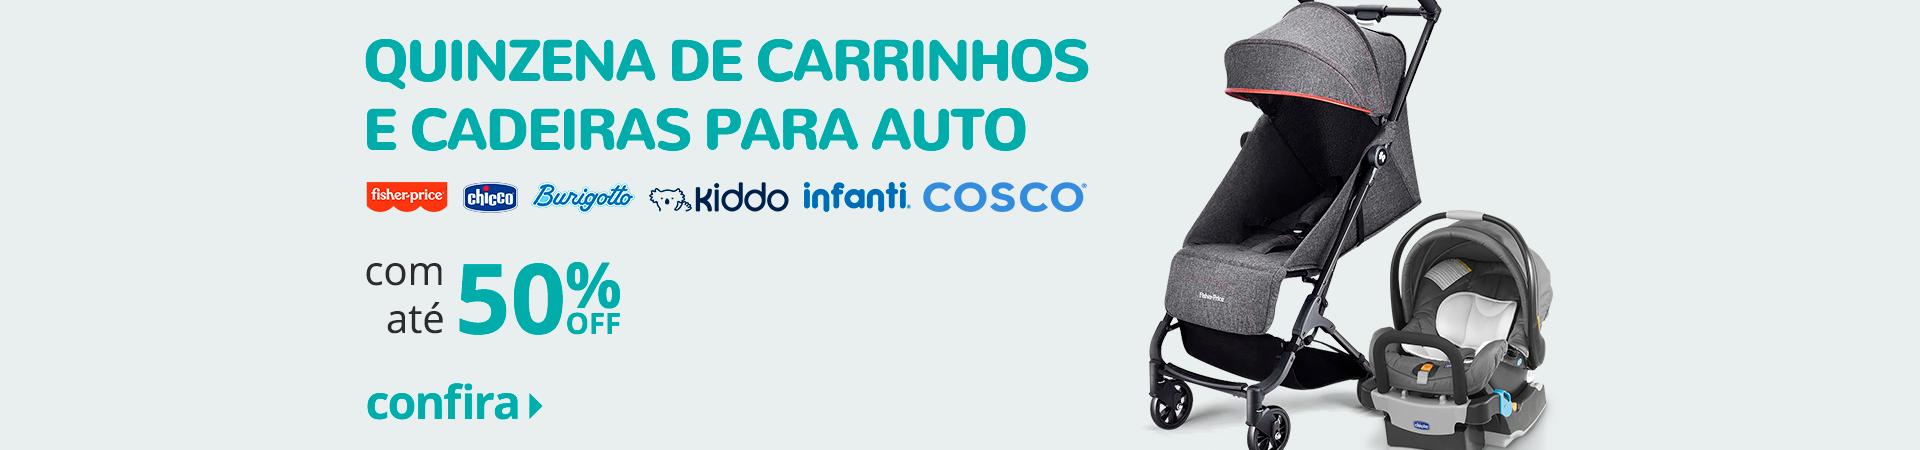 01 - Quinzena de Carrinho e Cadeiras para Auto com até 50% Off - FullBanner - Desktop - bb - act